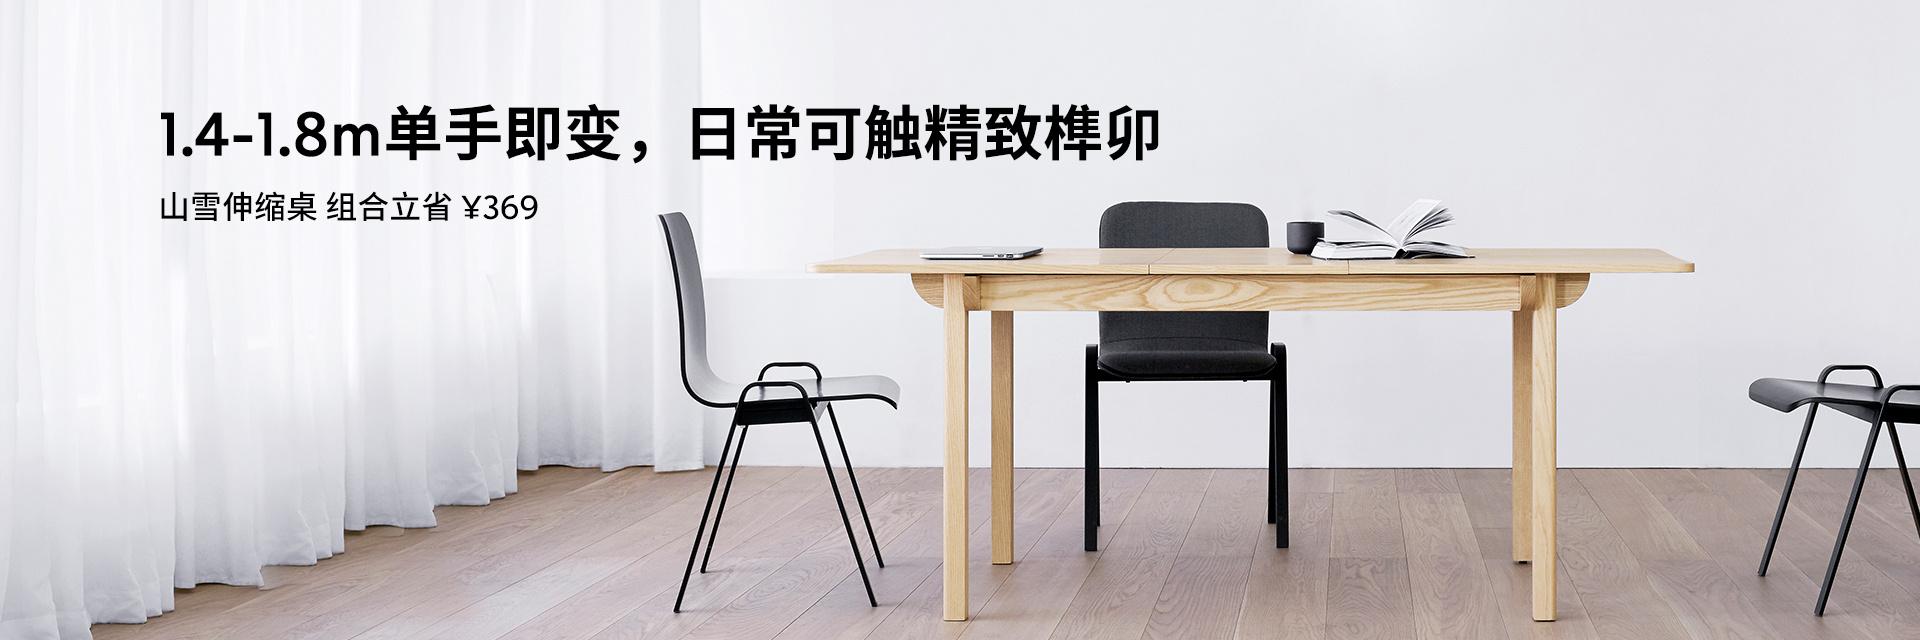 山雪伸缩桌